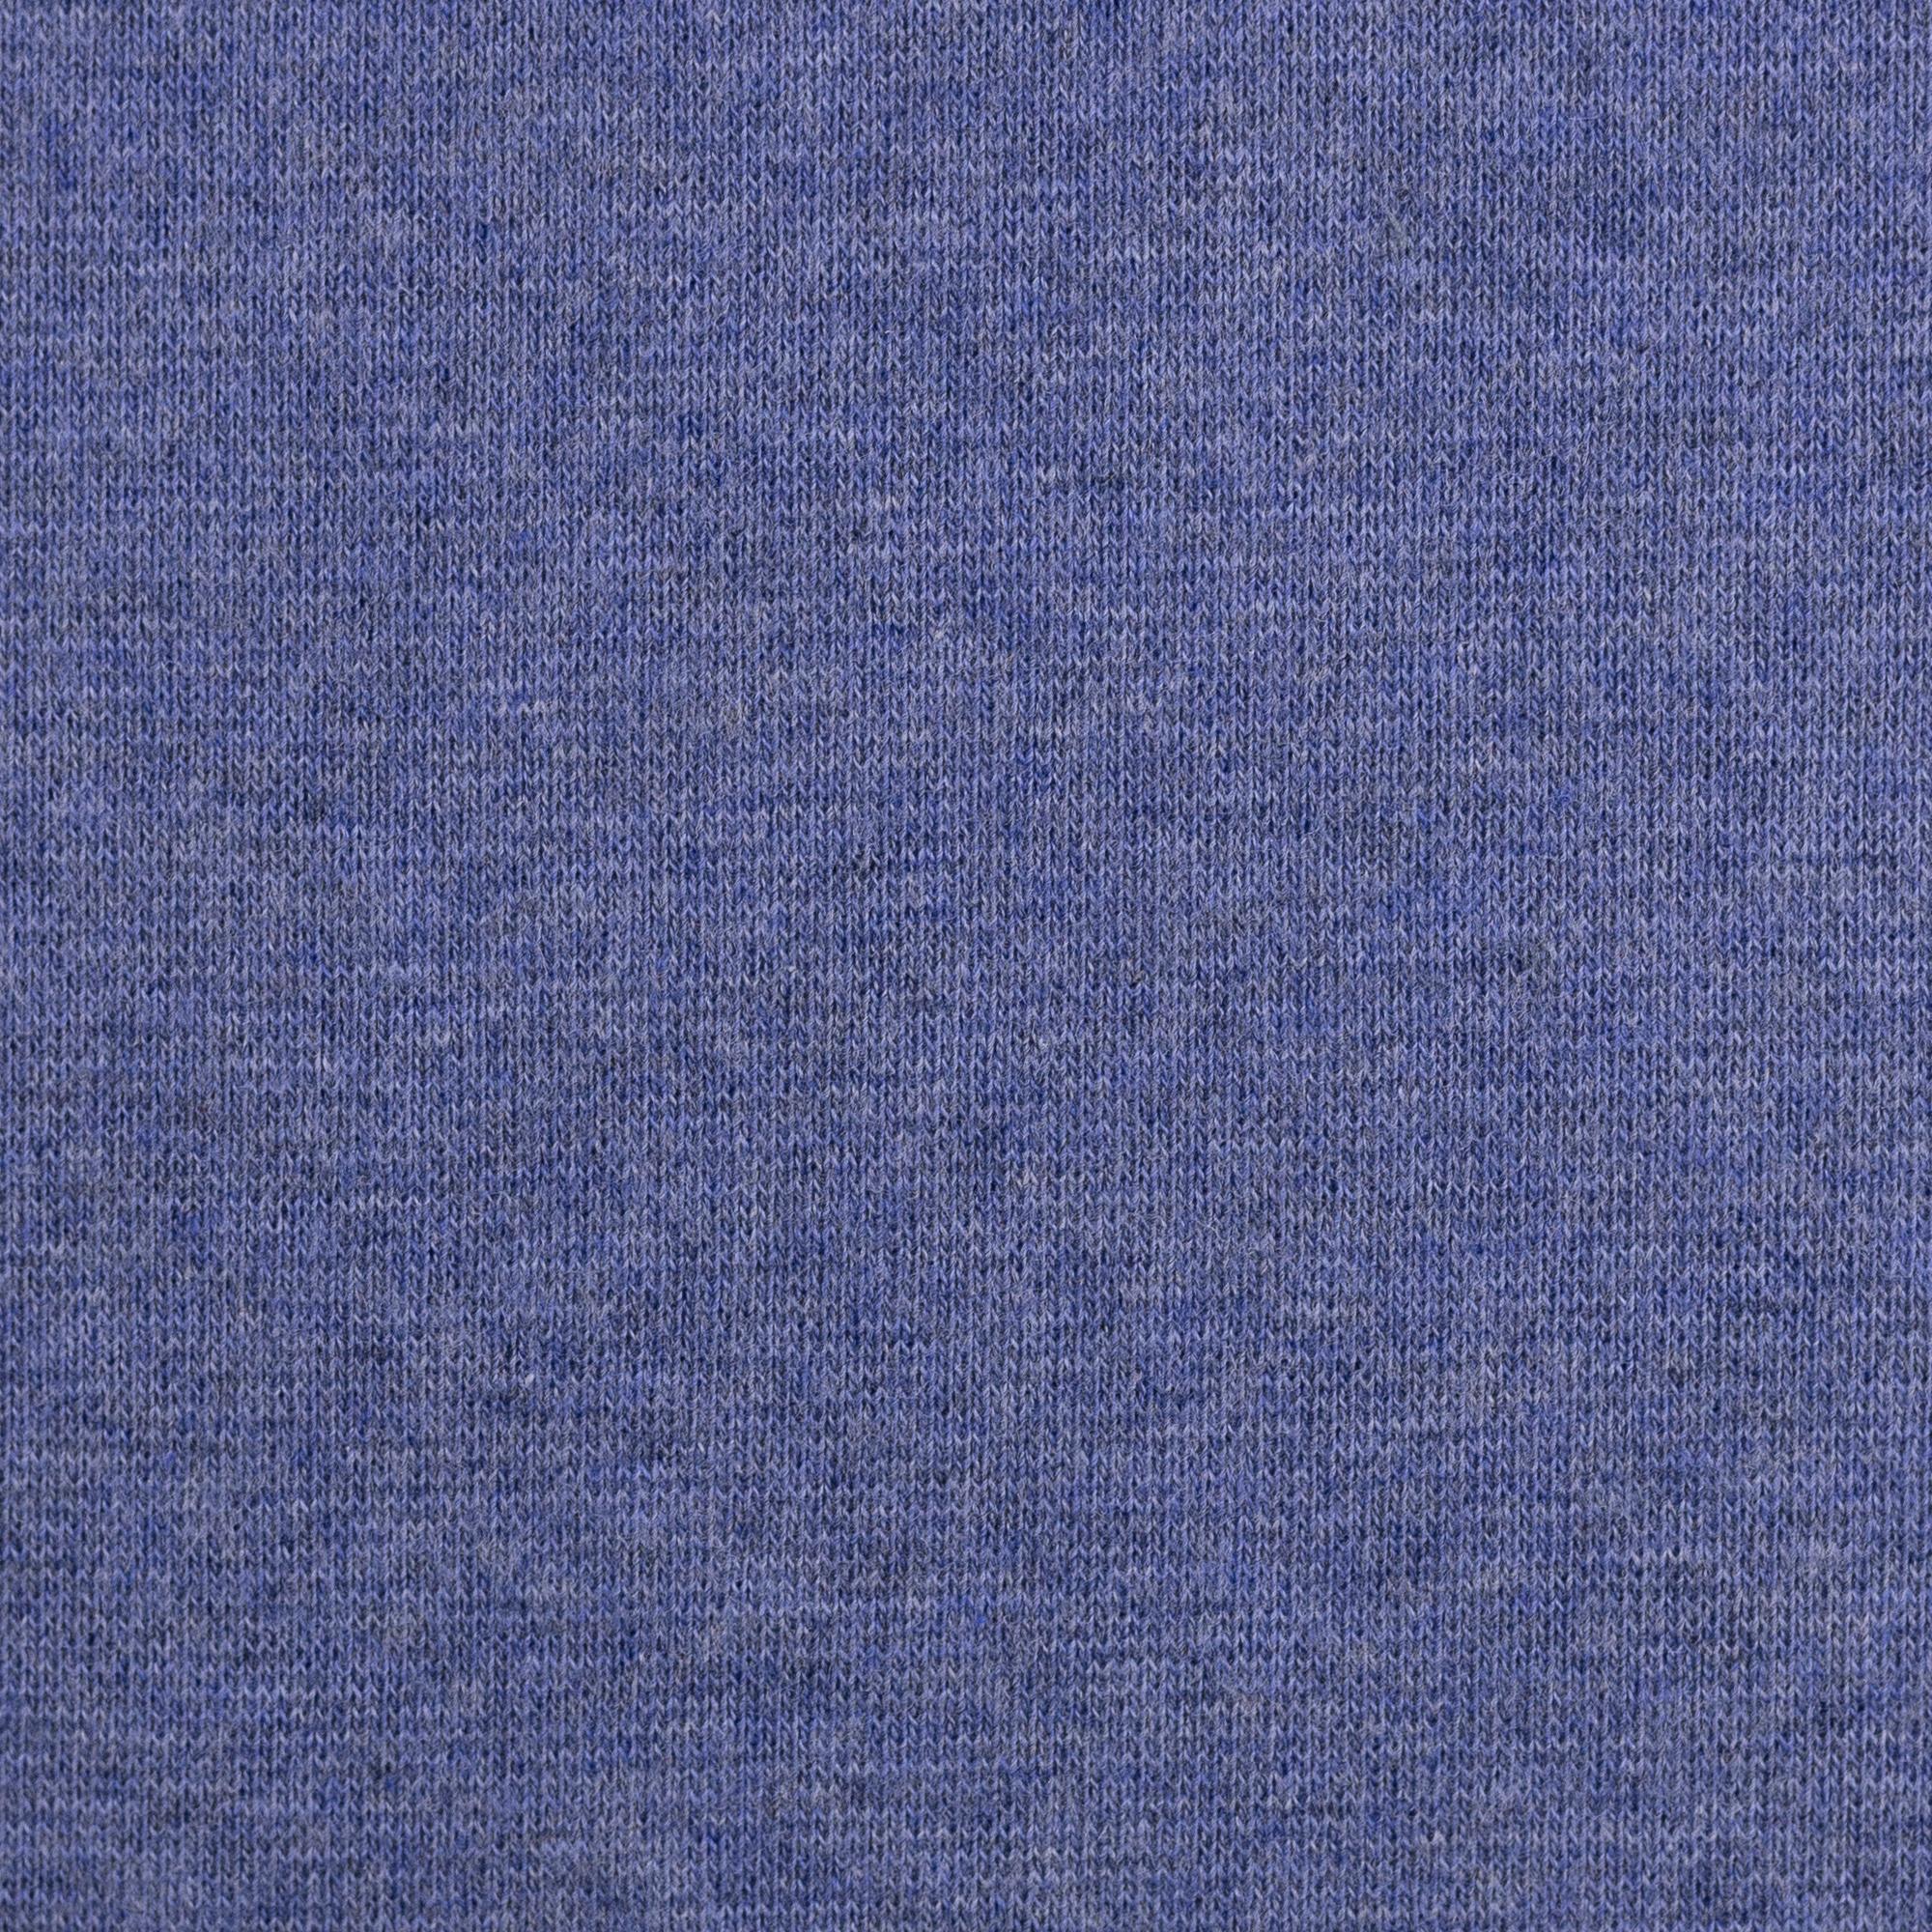 Boordstof - Jeans mélange-2